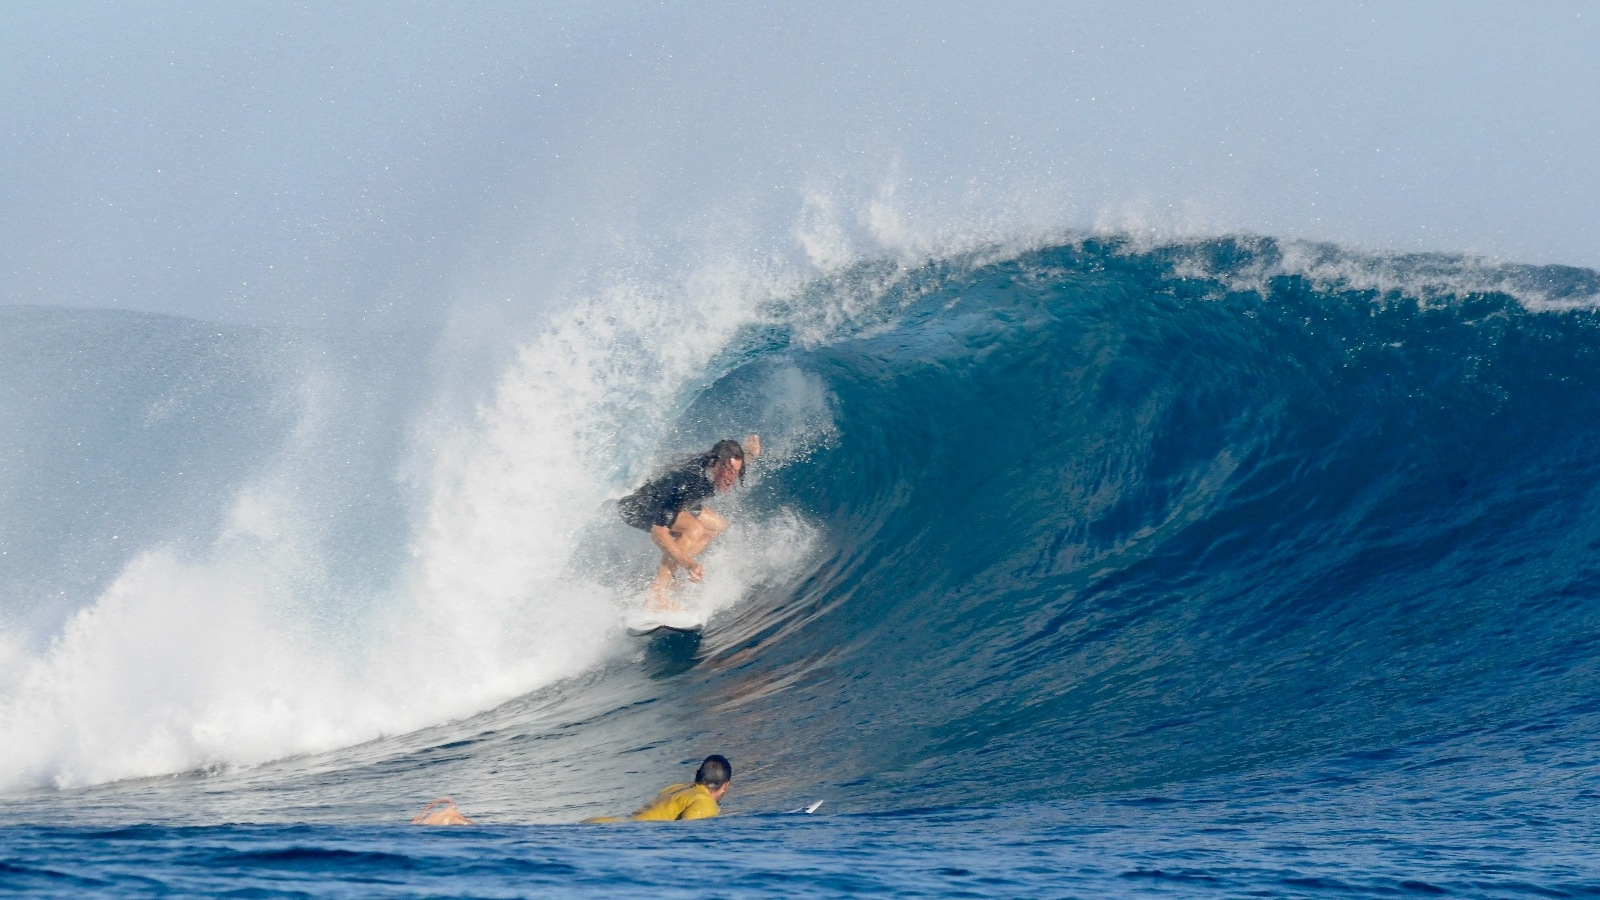 Jem Rogers the surfing barrel blindfolded credit: Aude